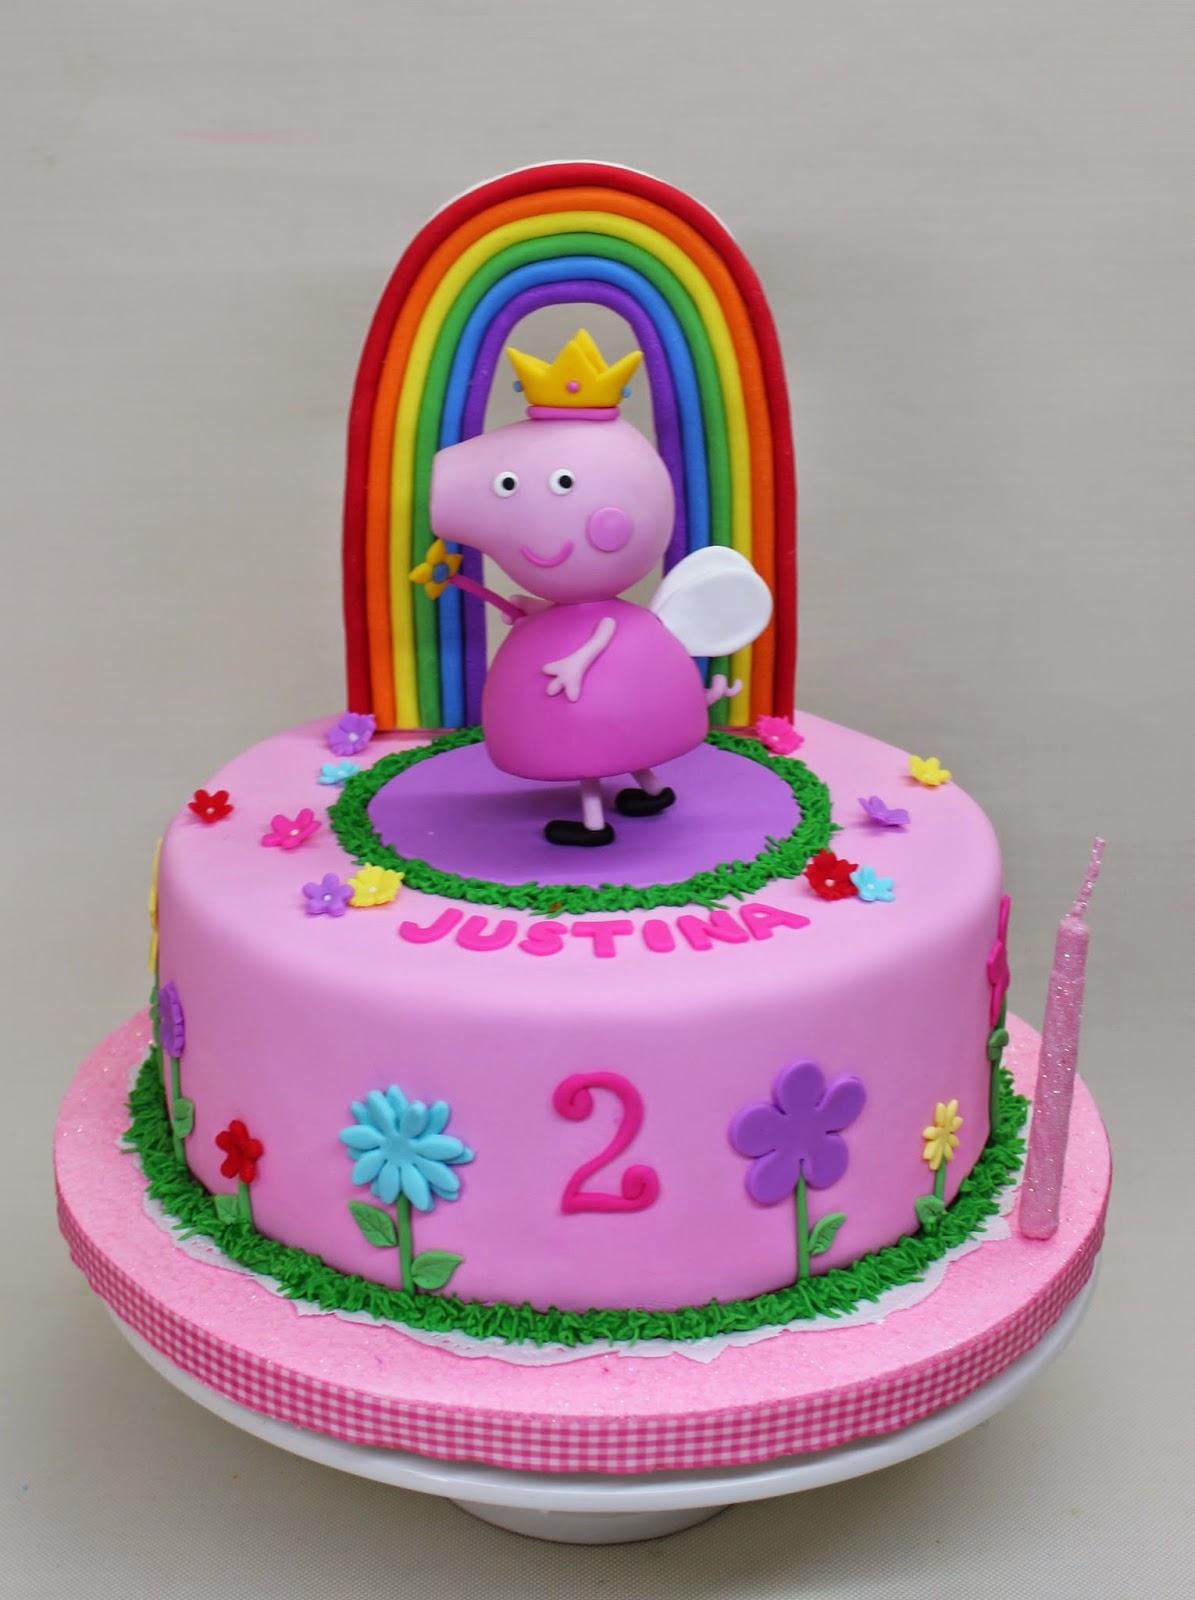 Tortas Infantiles para Nenas - dulcedulce.com.ar